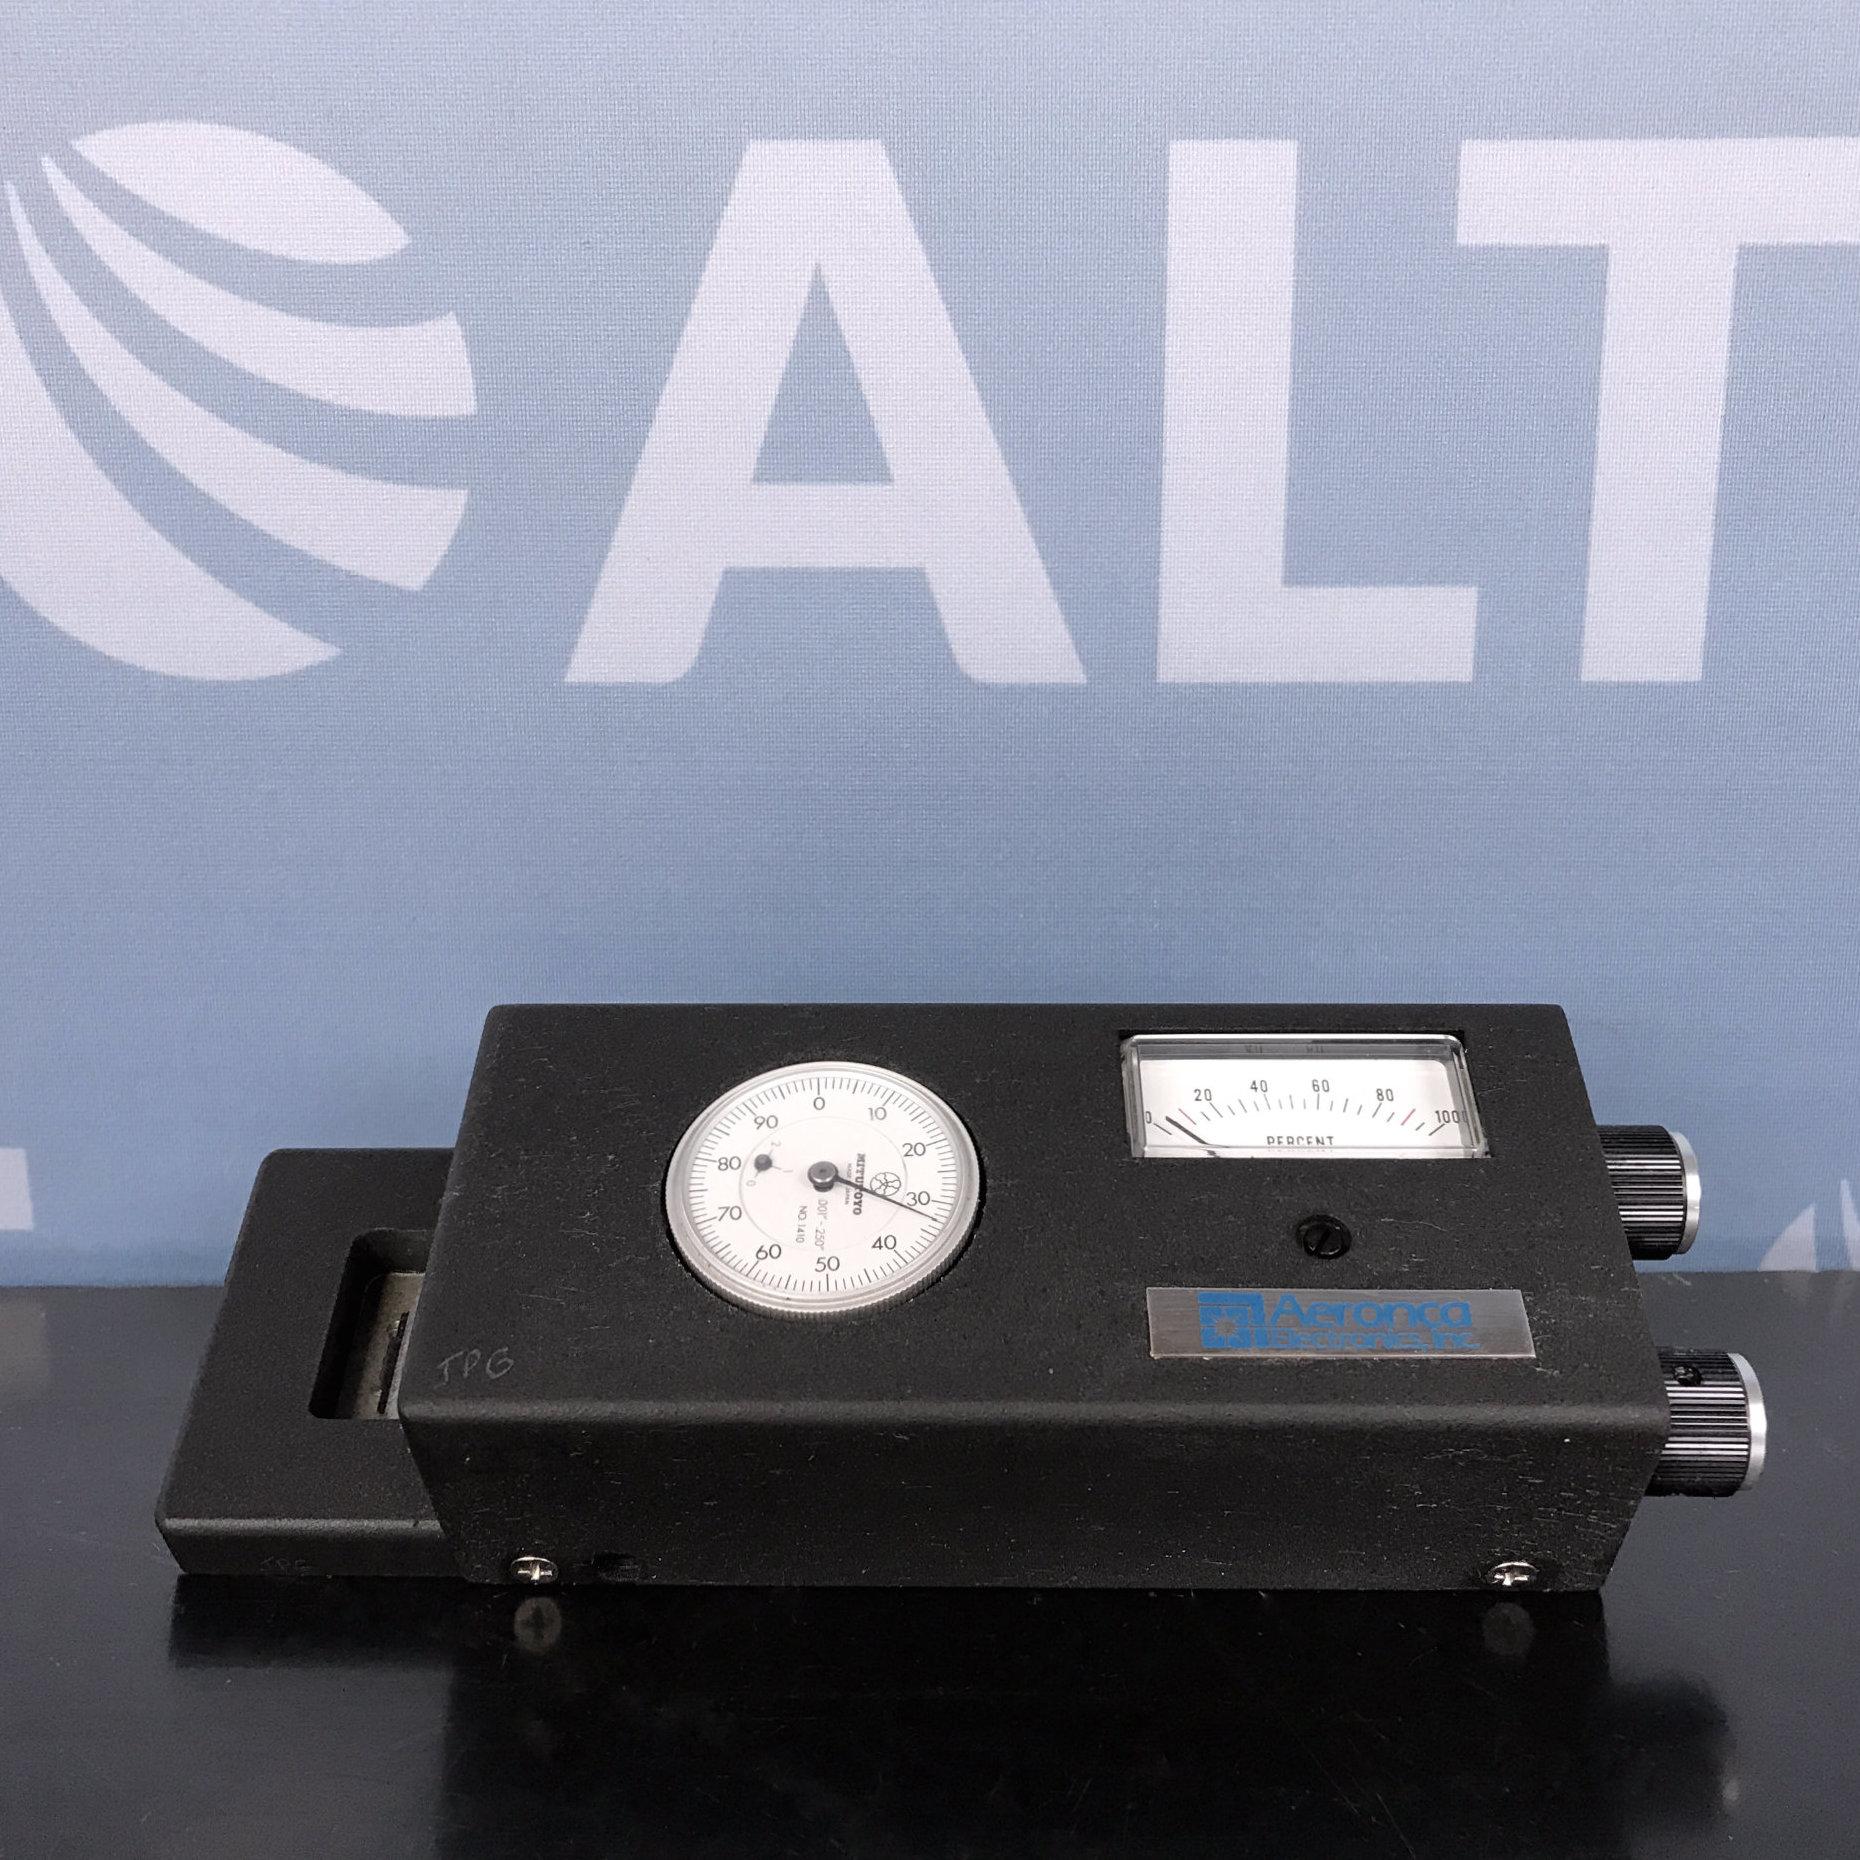 Aeronca Electronics Laser Blade Image